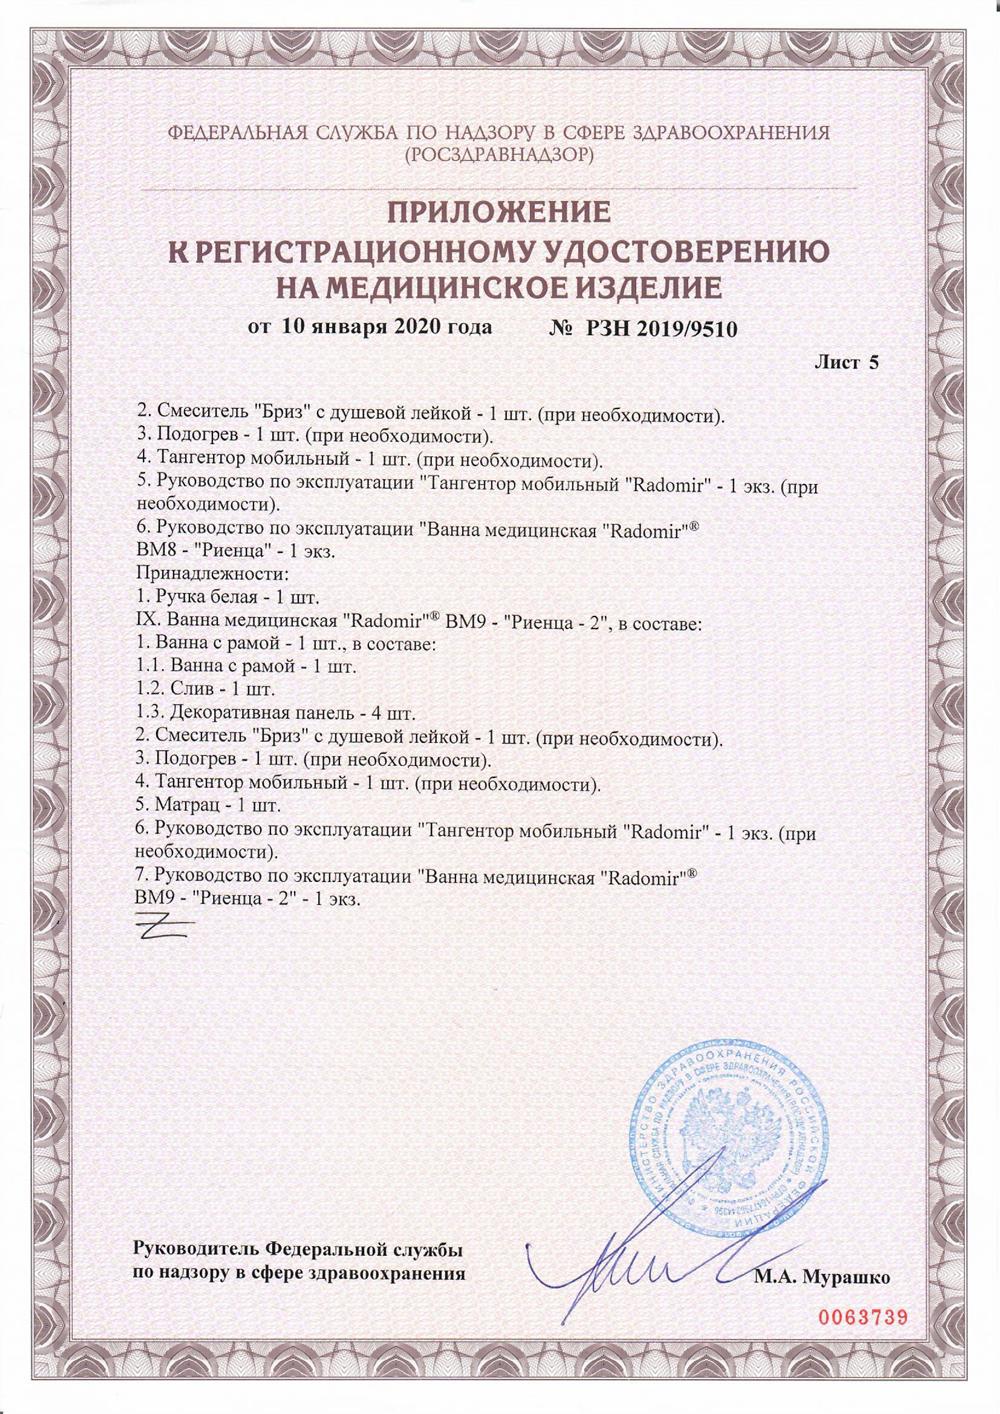 Приложение к регистрационному удостоверению на медицинское изделие